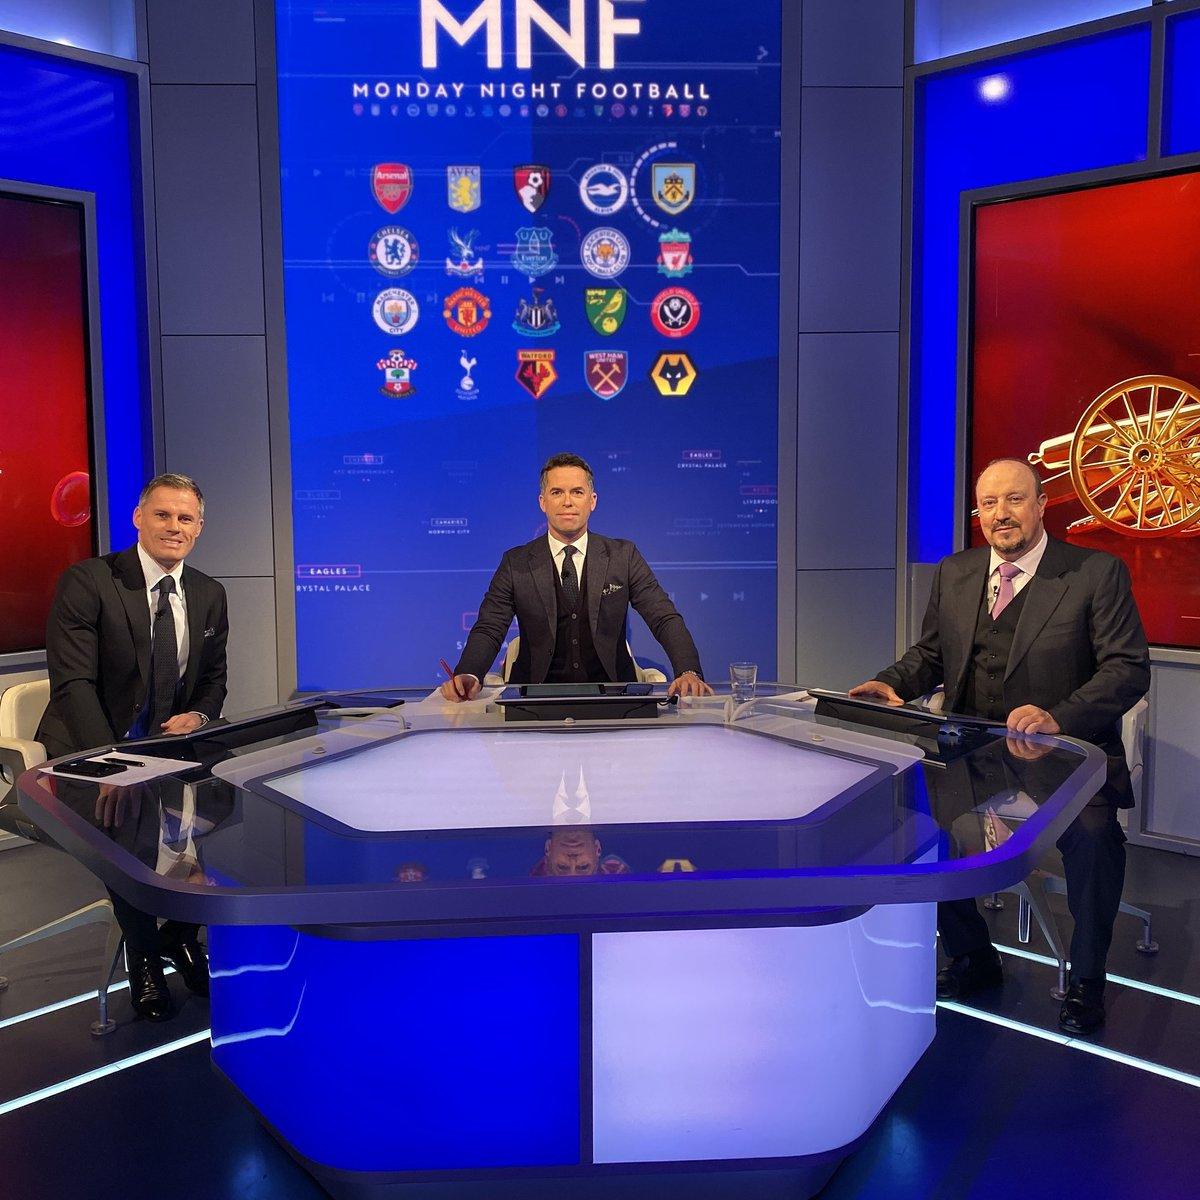 @rafabenitezweb's photo on #mondaynightfootball